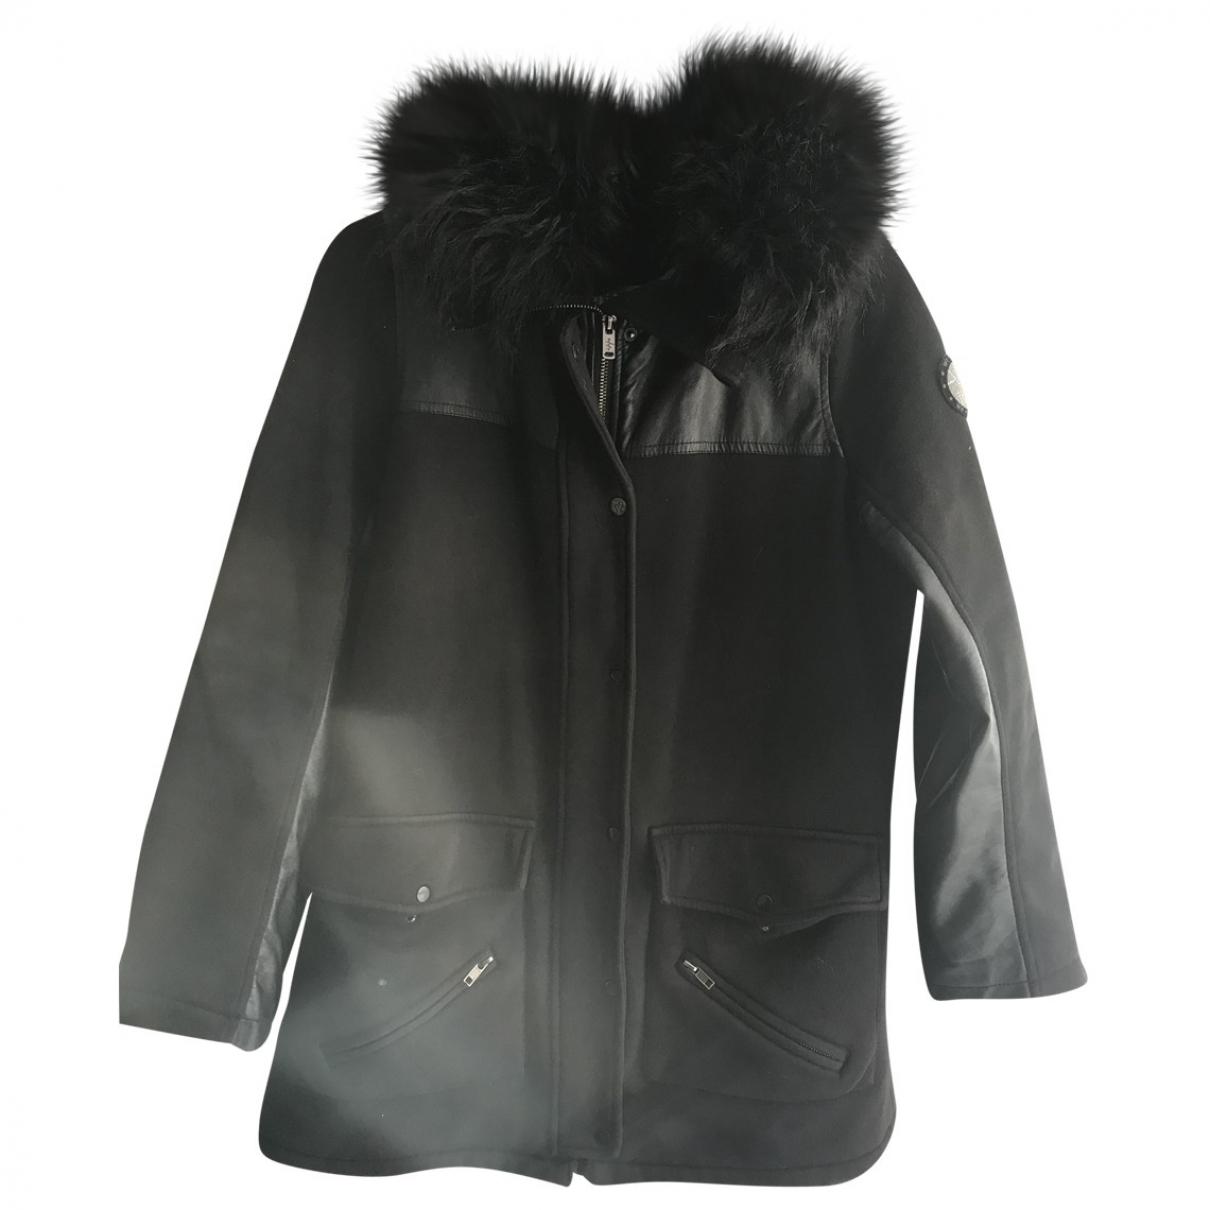 Ikks \N Black coat for Women 38 FR